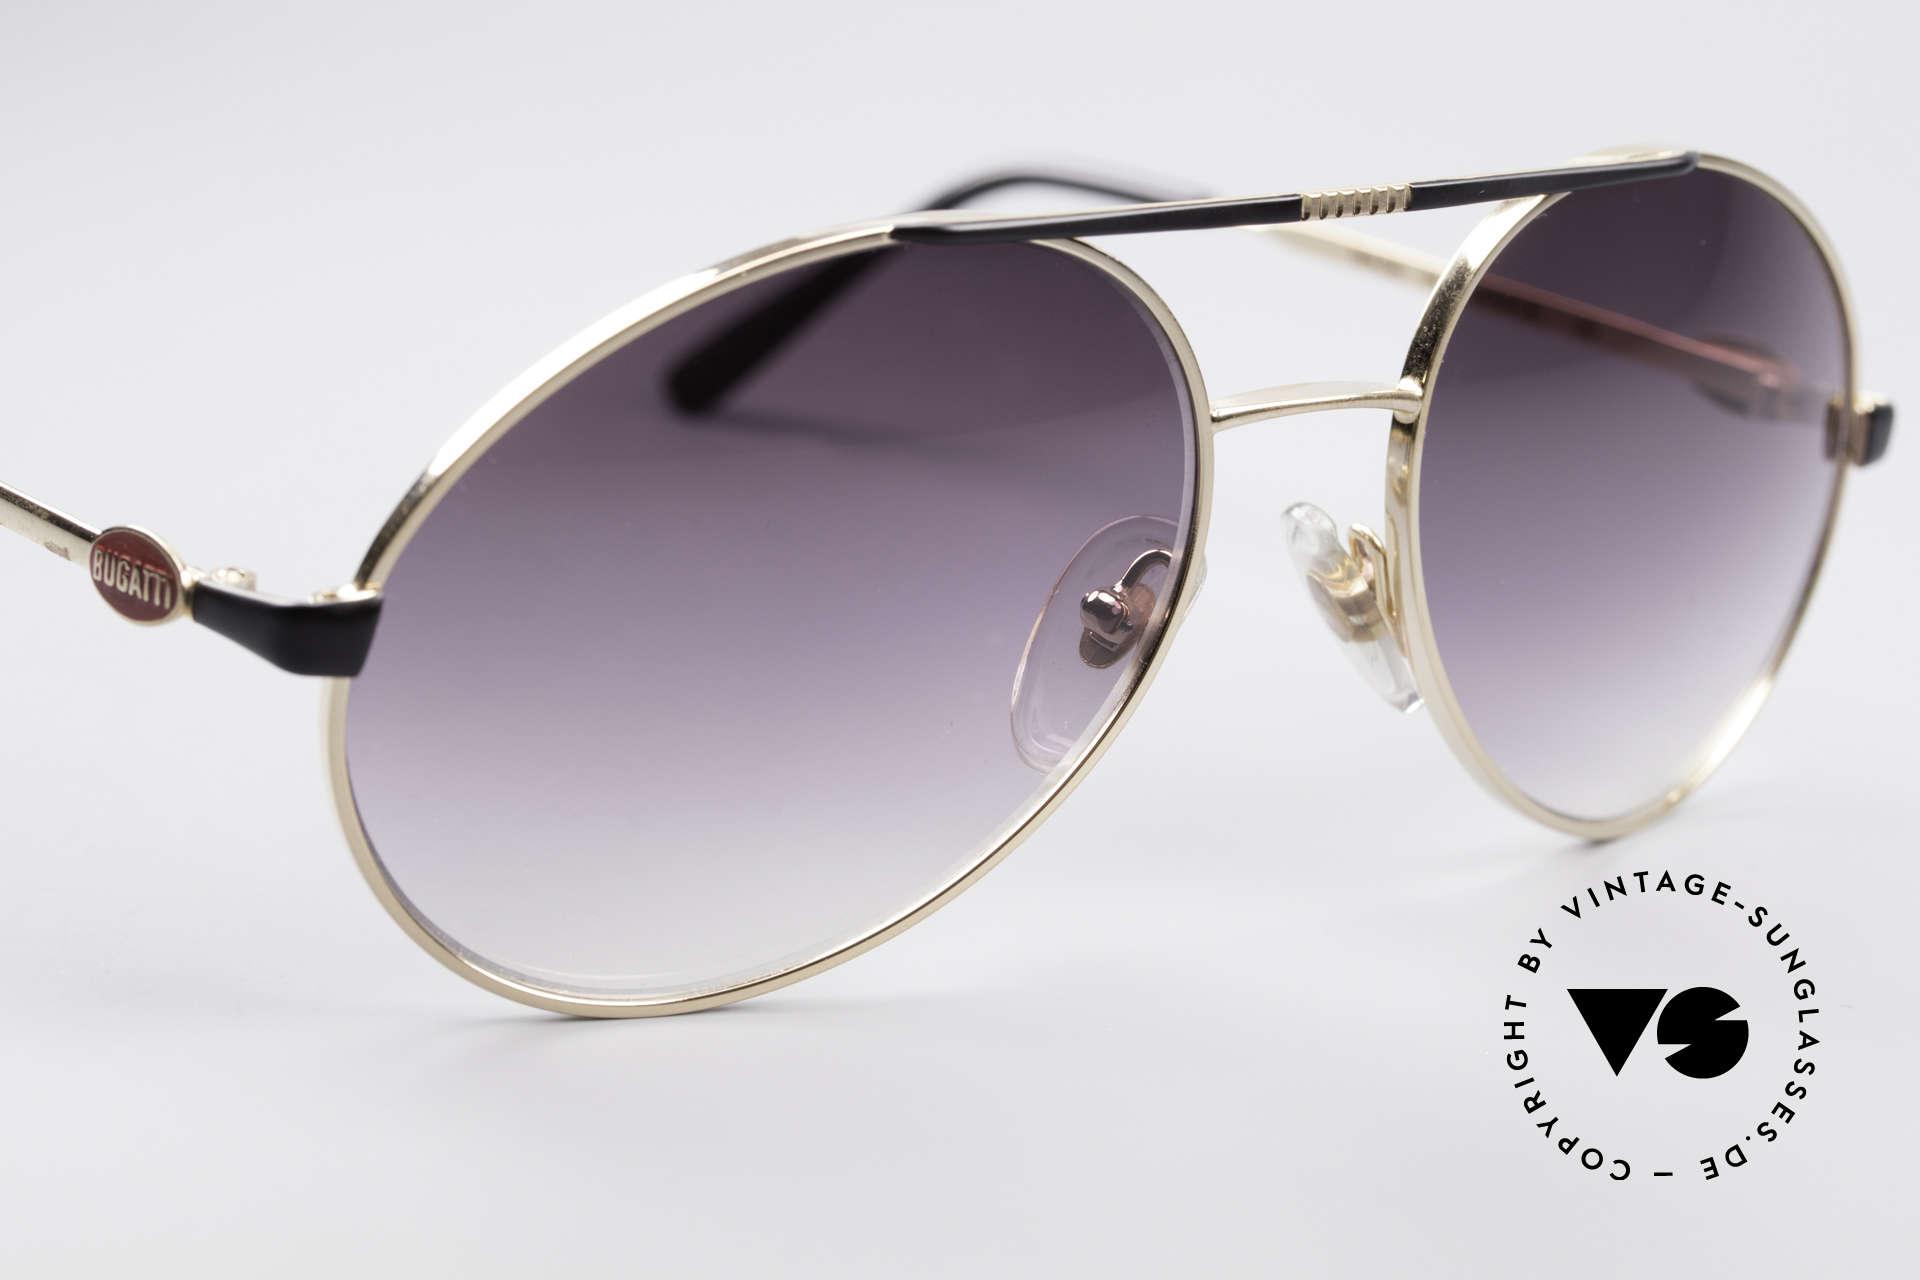 Bugatti 65837 80's Designer Sunglasses, an unworn 80's classic (with original Bugatti hard case), Made for Men